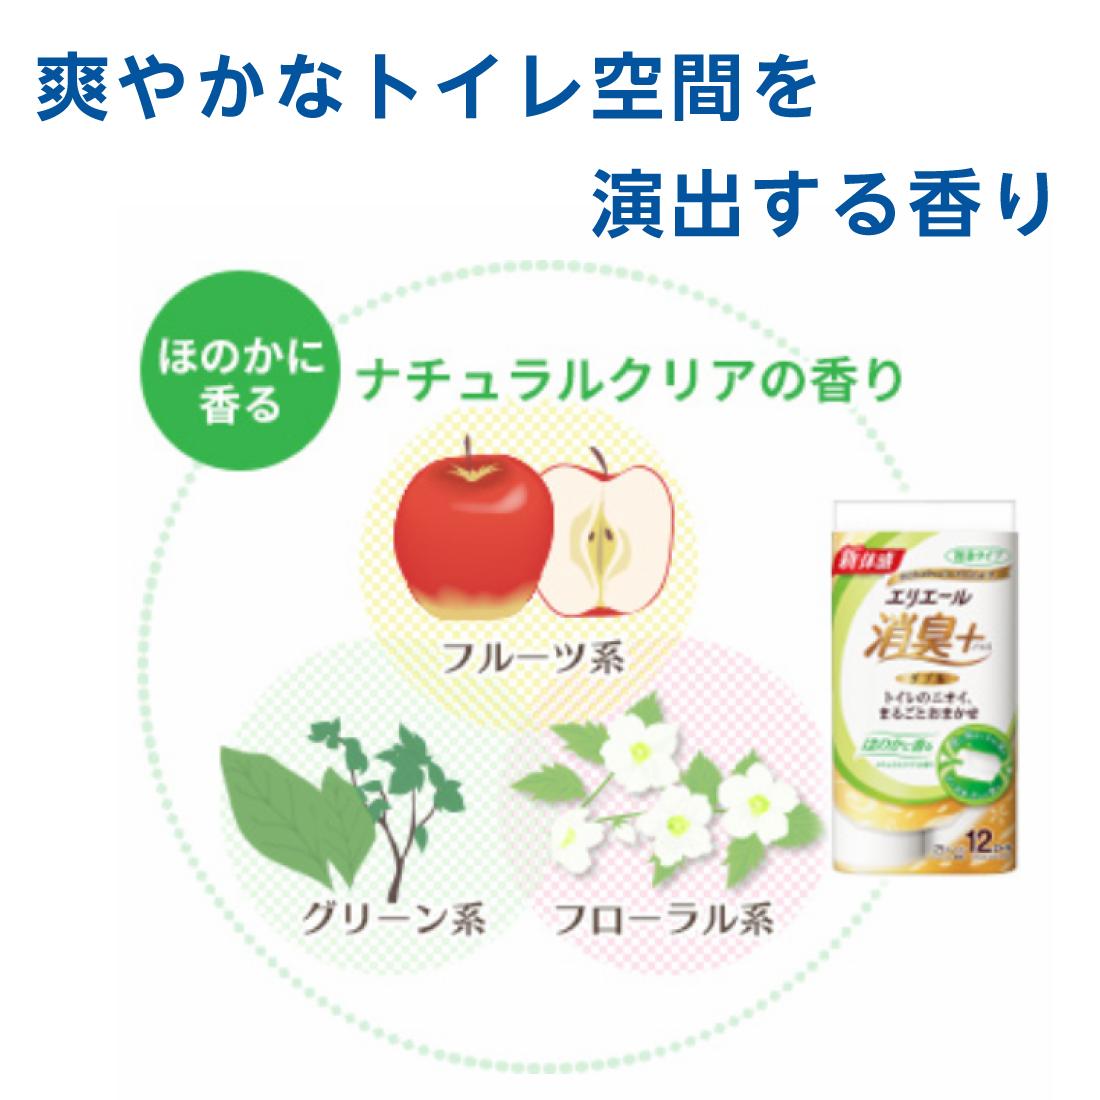 エリエール 消臭+トイレットティシュー ほのかに香る ナチュラルクリアの香り12ロール(ダブル)